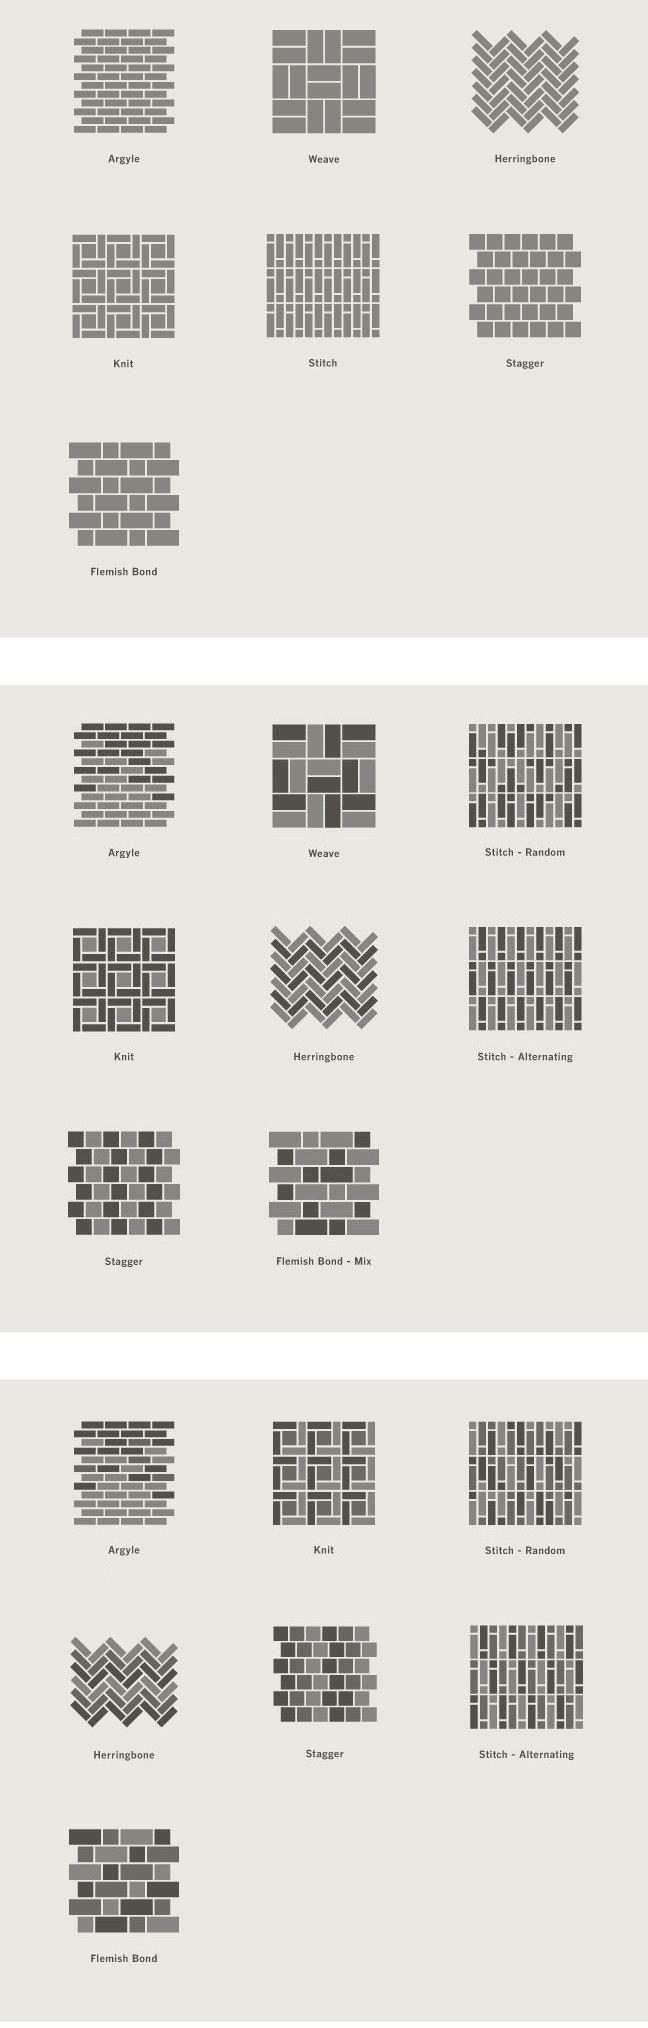 바닥 마루 패턴